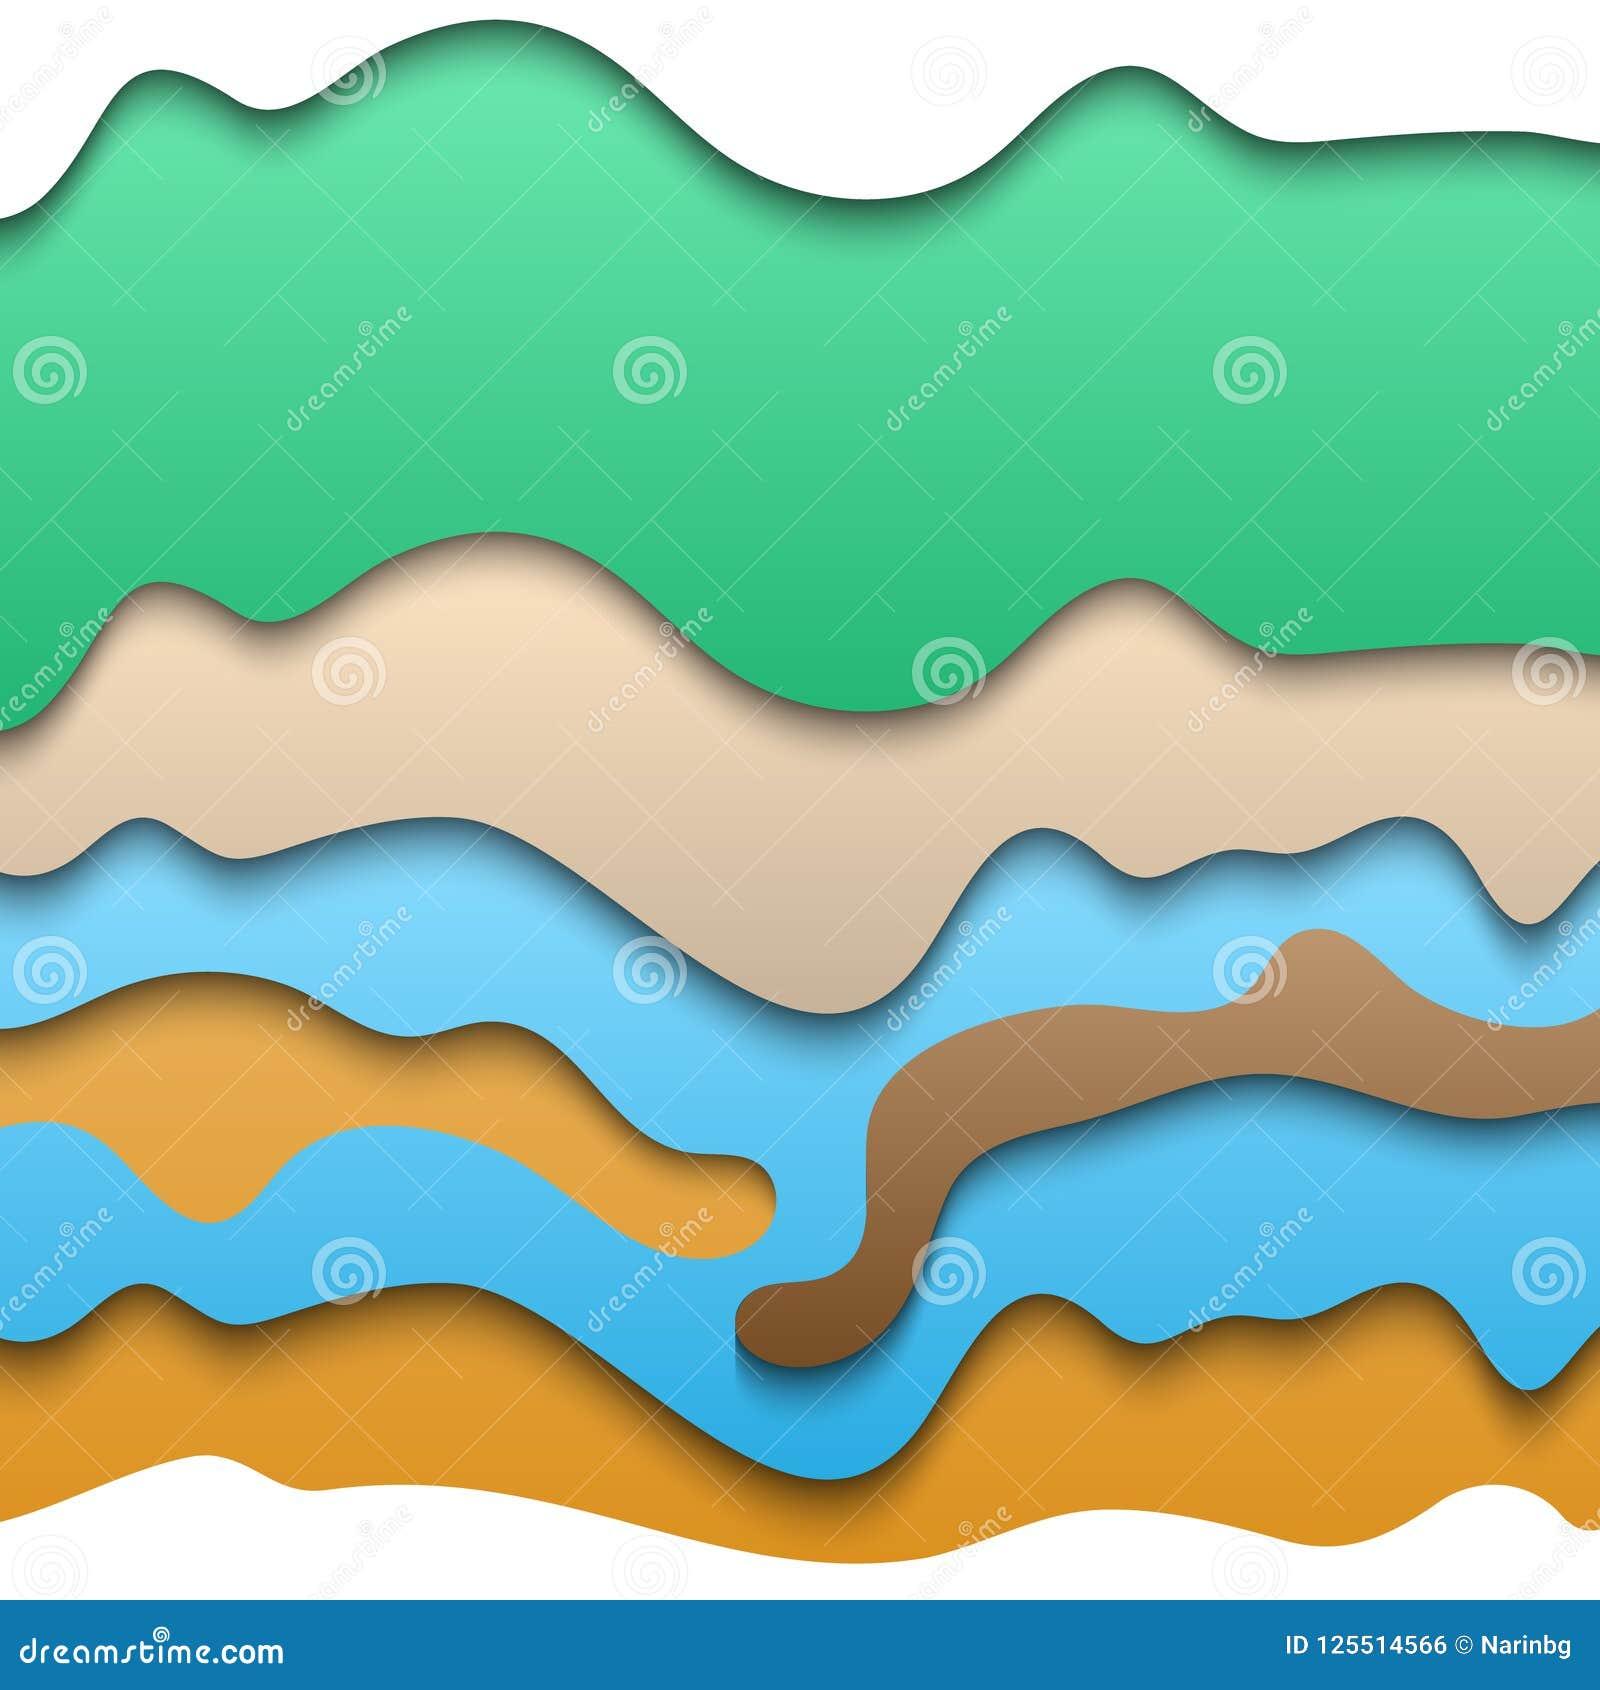 Corte de papel acodado extracto con muchos colores